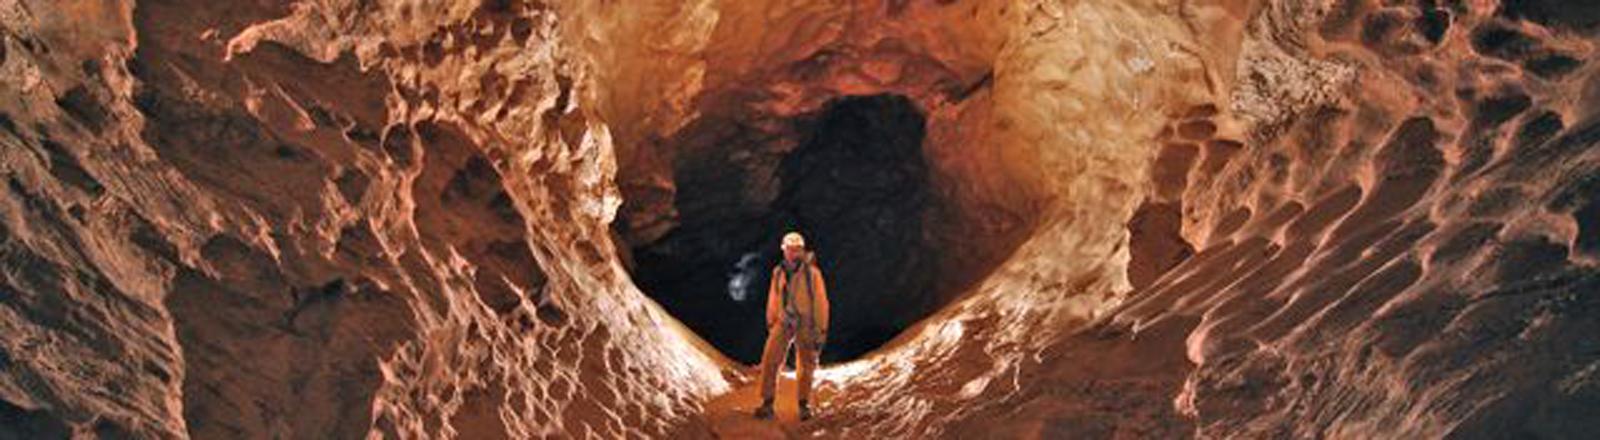 Haupteingang der Höhle in 830 Meter Tiefe